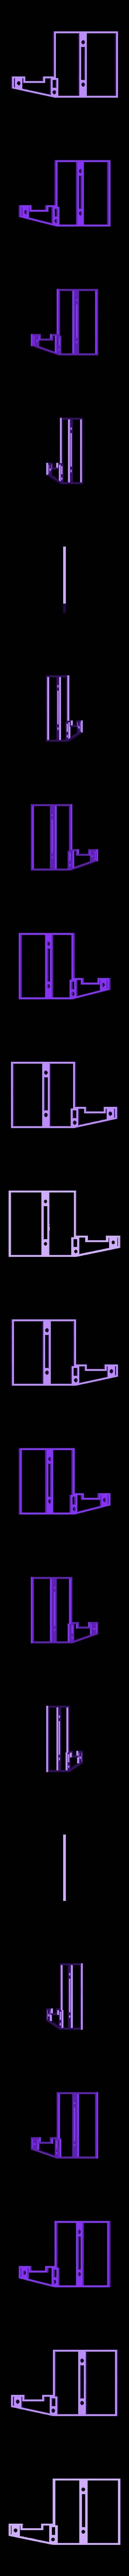 gabarit percage support.STL Télécharger fichier STL Système de serrage rapide pour table multifonction de type MFT Festool • Objet imprimable en 3D, woody3d974